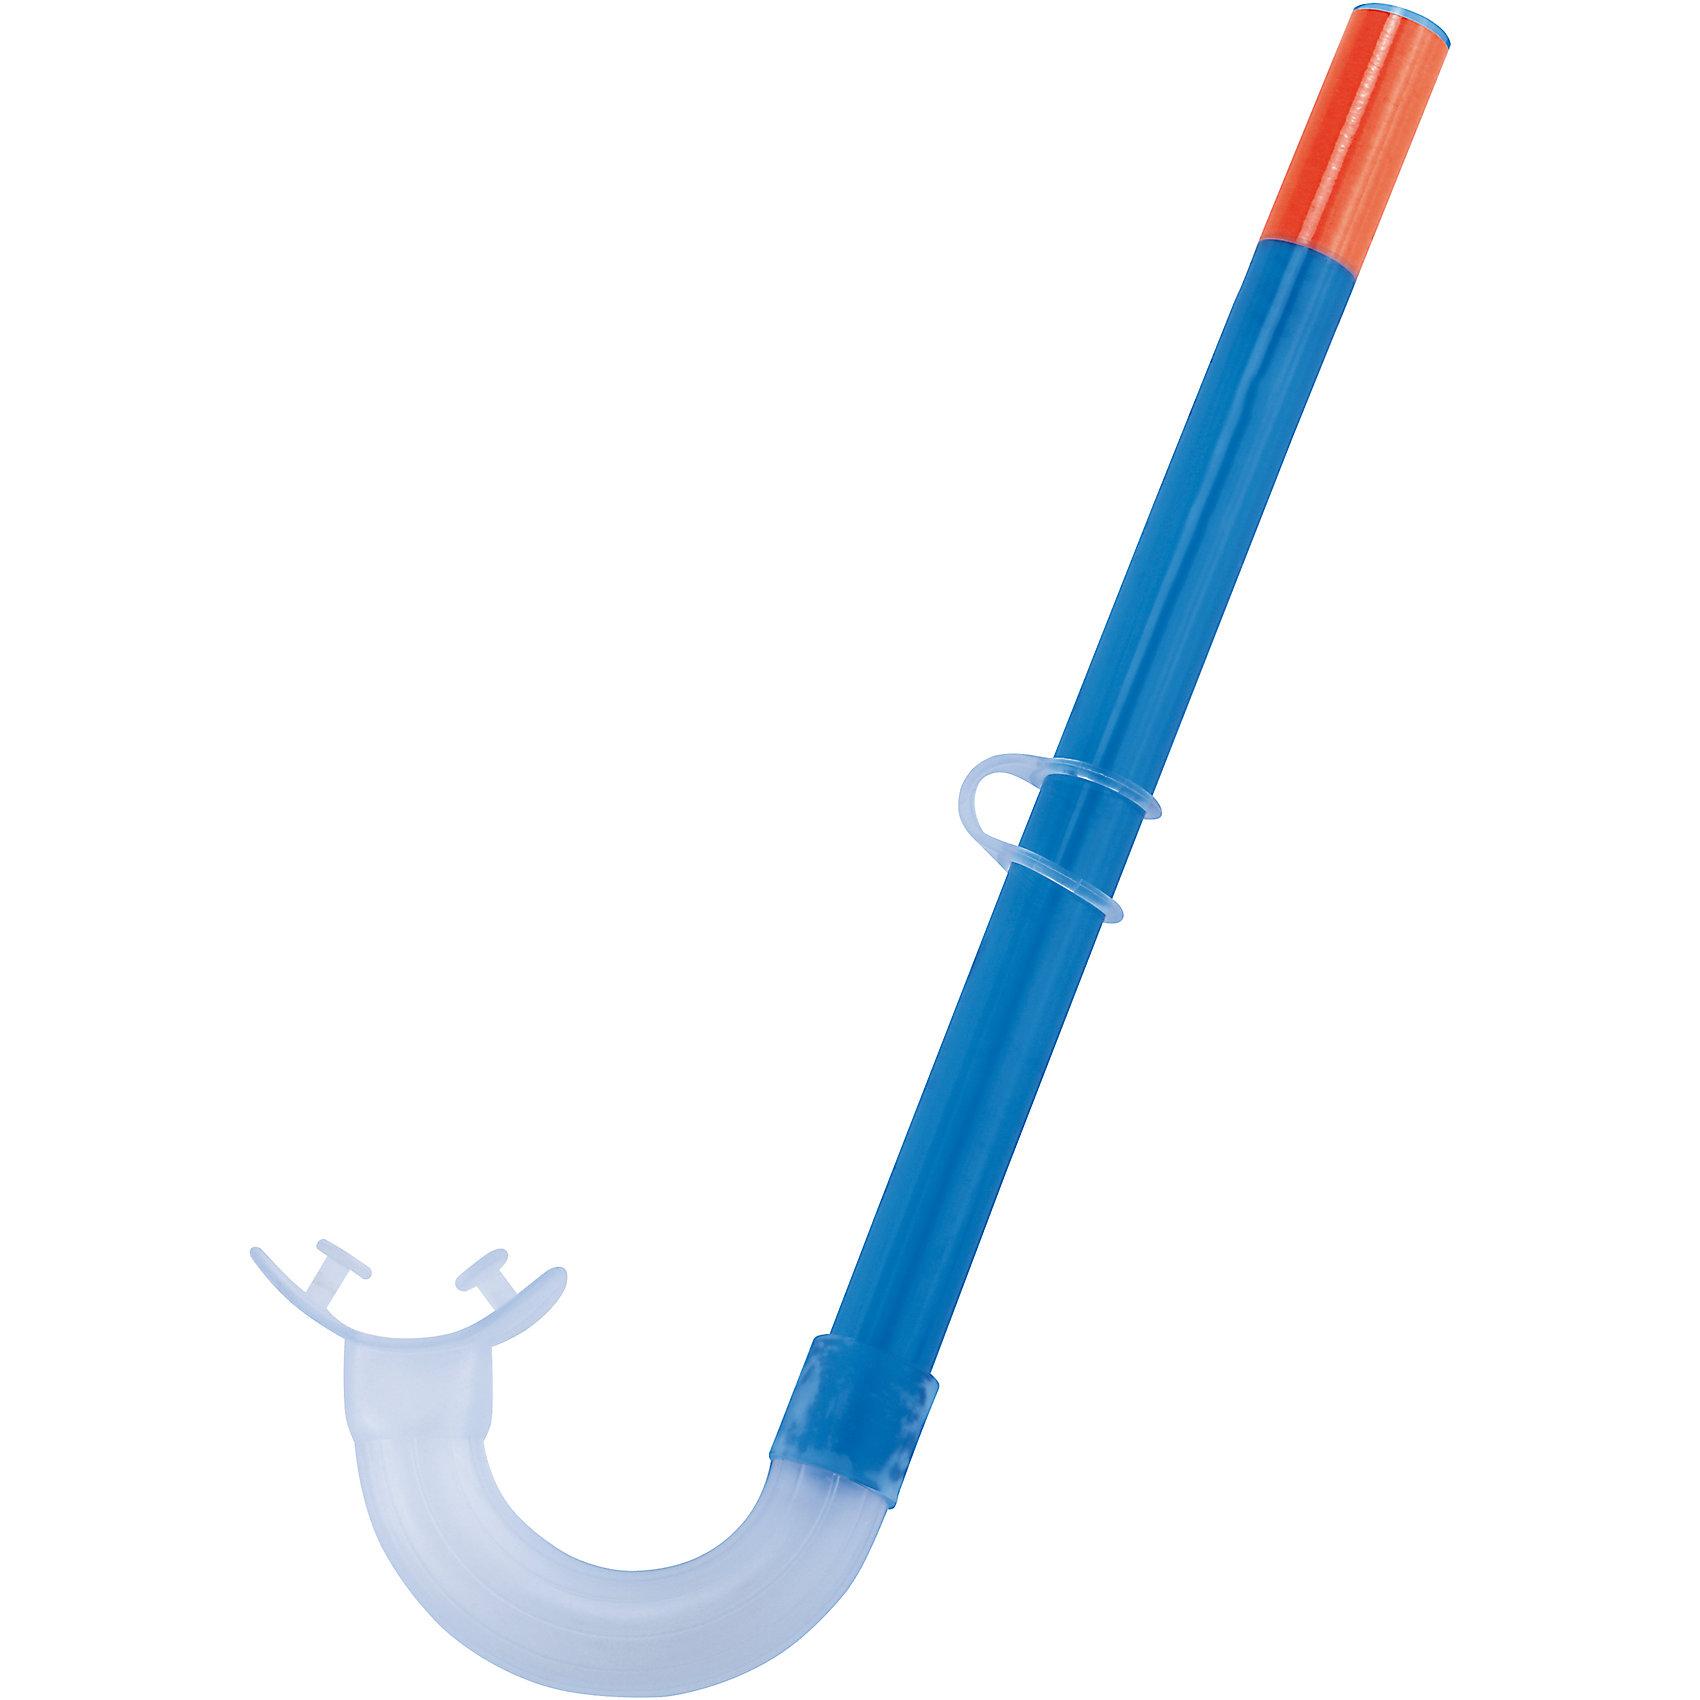 Трубка для ныряния Sunsplash, подростковая, BestwayОчки, маски, ласты, шапочки<br>Трубка для ныряния Sunsplash, Bestway - отличный вариант для активного отдыха и увлекательных исследований подводного мира. Пластиковая трубка позволяет оставаться под водой на протяжении длительного времени. Оснащена мягким силиконовым загубником, который позволяет легко удерживать трубку во рту. Фиксатором ремешка трубки регулируется до нужного размера. Трубка изготовлена из качественных безопасных материалов. Подходит для детей 7-14 лет.<br><br>Дополнительная информация:<br><br>- Материал: пластик, силикон.<br>- Размер упаковки: 50 х 2 х 15 см.<br>- Вес: 50 гр.<br><br>Трубку для ныряния Sunsplash, подростковая, Bestway, можно купить в нашем интернет-магазине.<br><br>Ширина мм: 155<br>Глубина мм: 500<br>Высота мм: 200<br>Вес г: 66<br>Возраст от месяцев: 36<br>Возраст до месяцев: 120<br>Пол: Унисекс<br>Возраст: Детский<br>SKU: 4632847